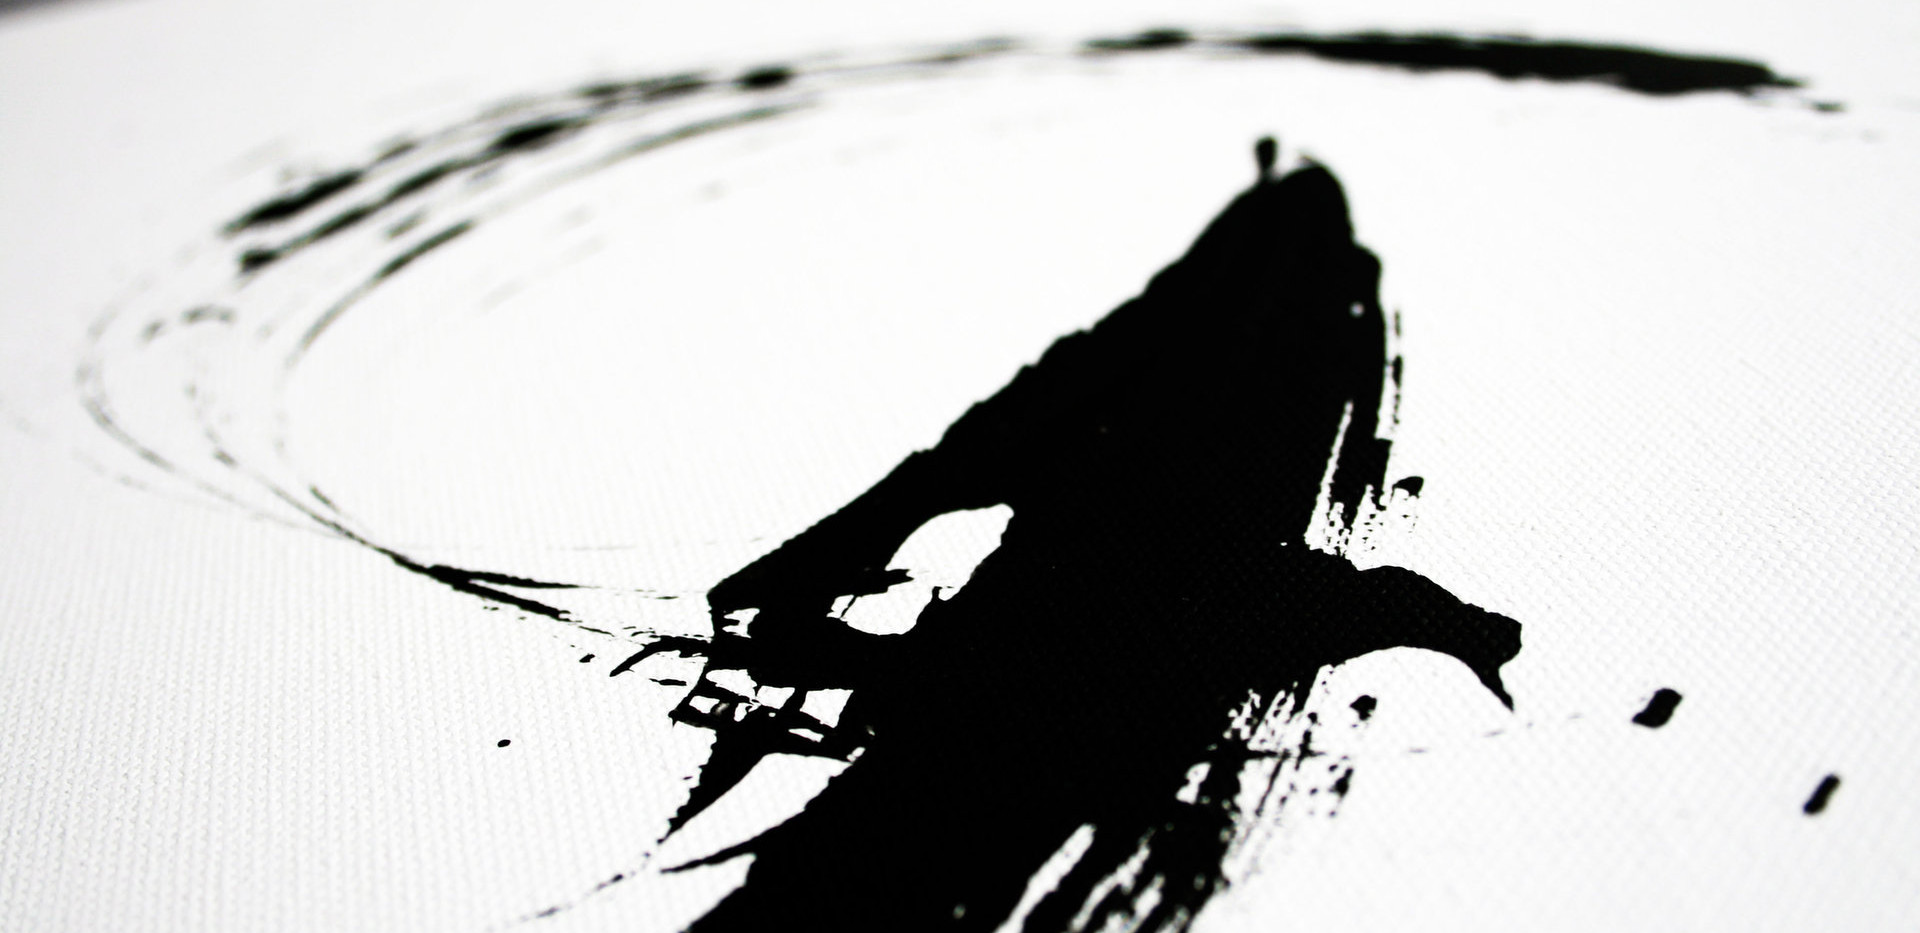 Peint par Axel Vuille